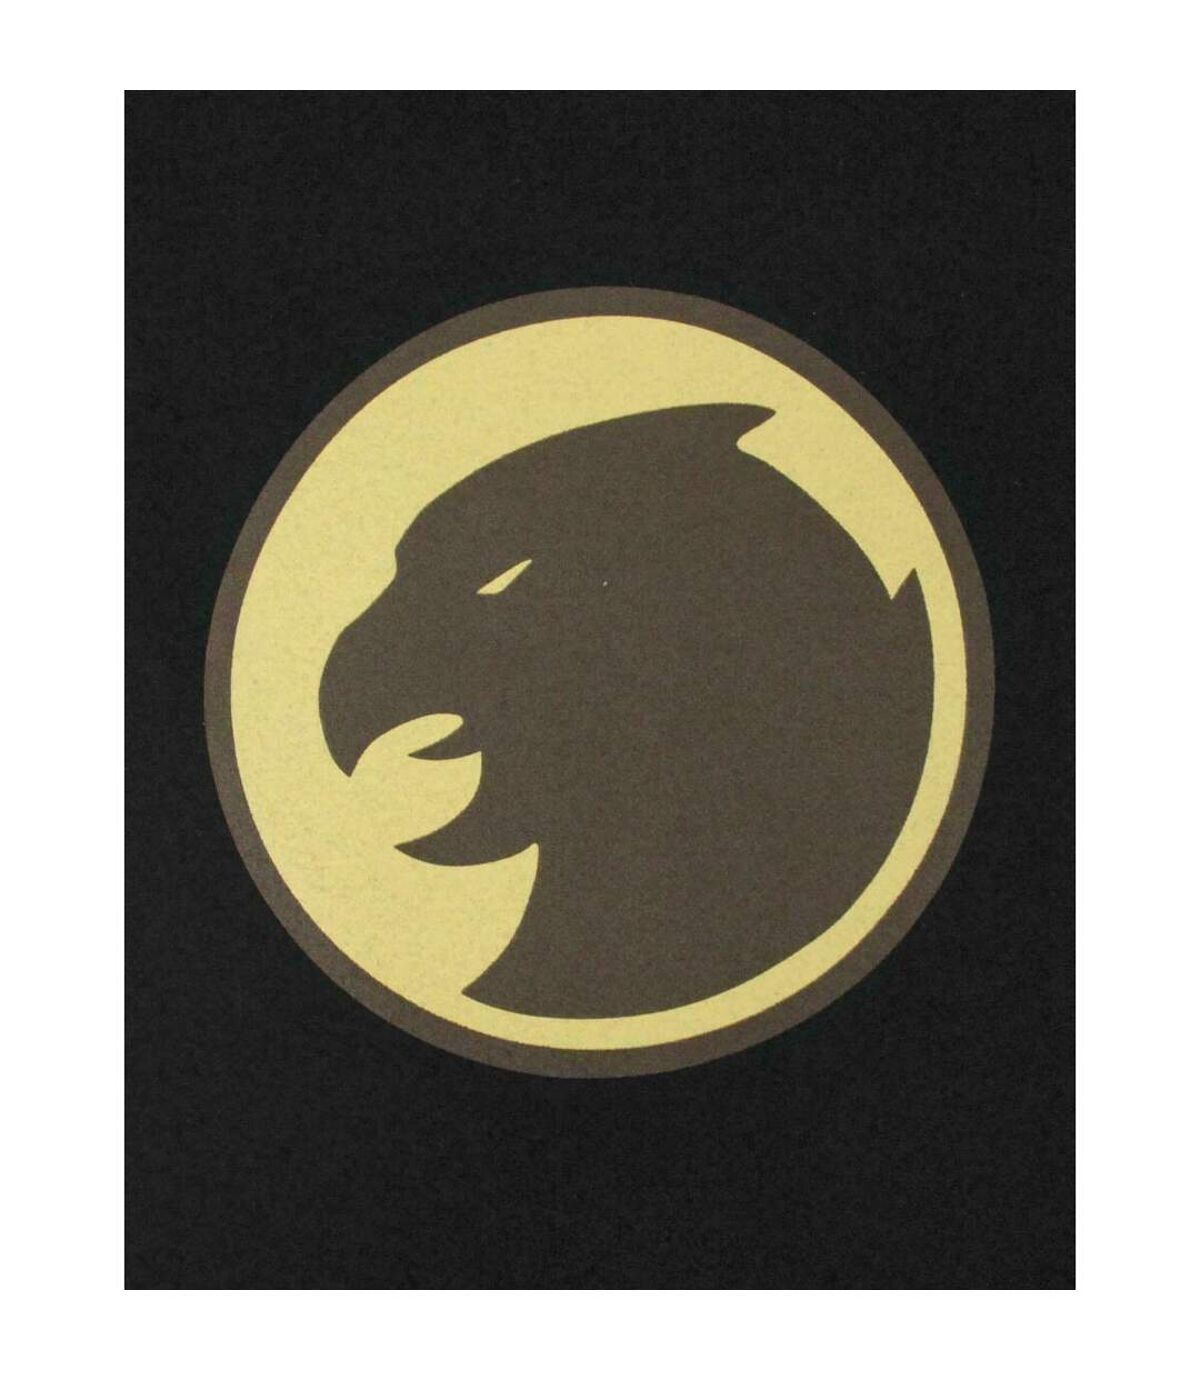 Hawkman - T-shirt - Homme (Noir) - UTNS5558